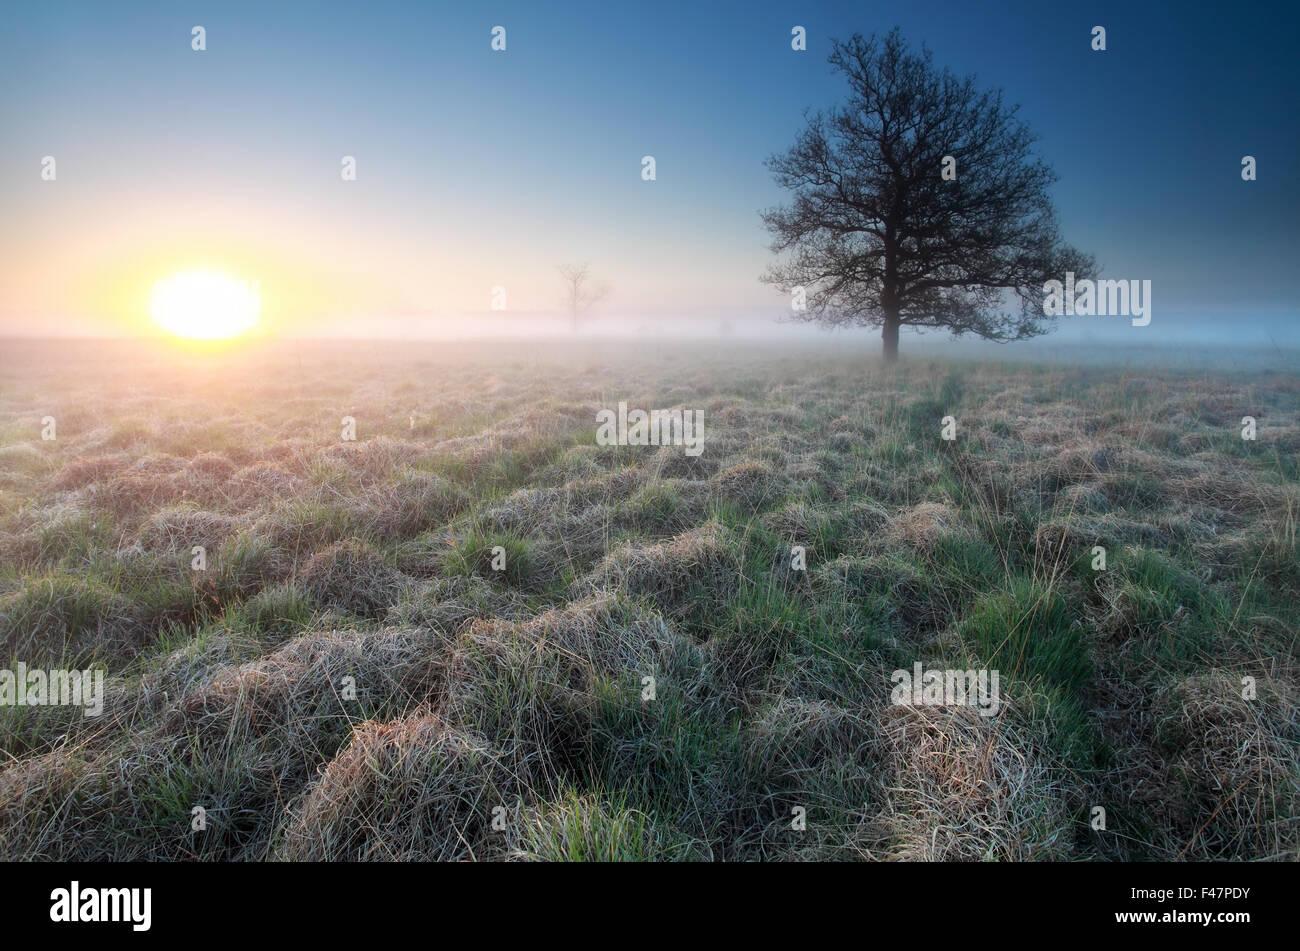 Sonnenaufgang und kleinen Pfad zum Baum auf Sumpf, Niederlande Stockbild